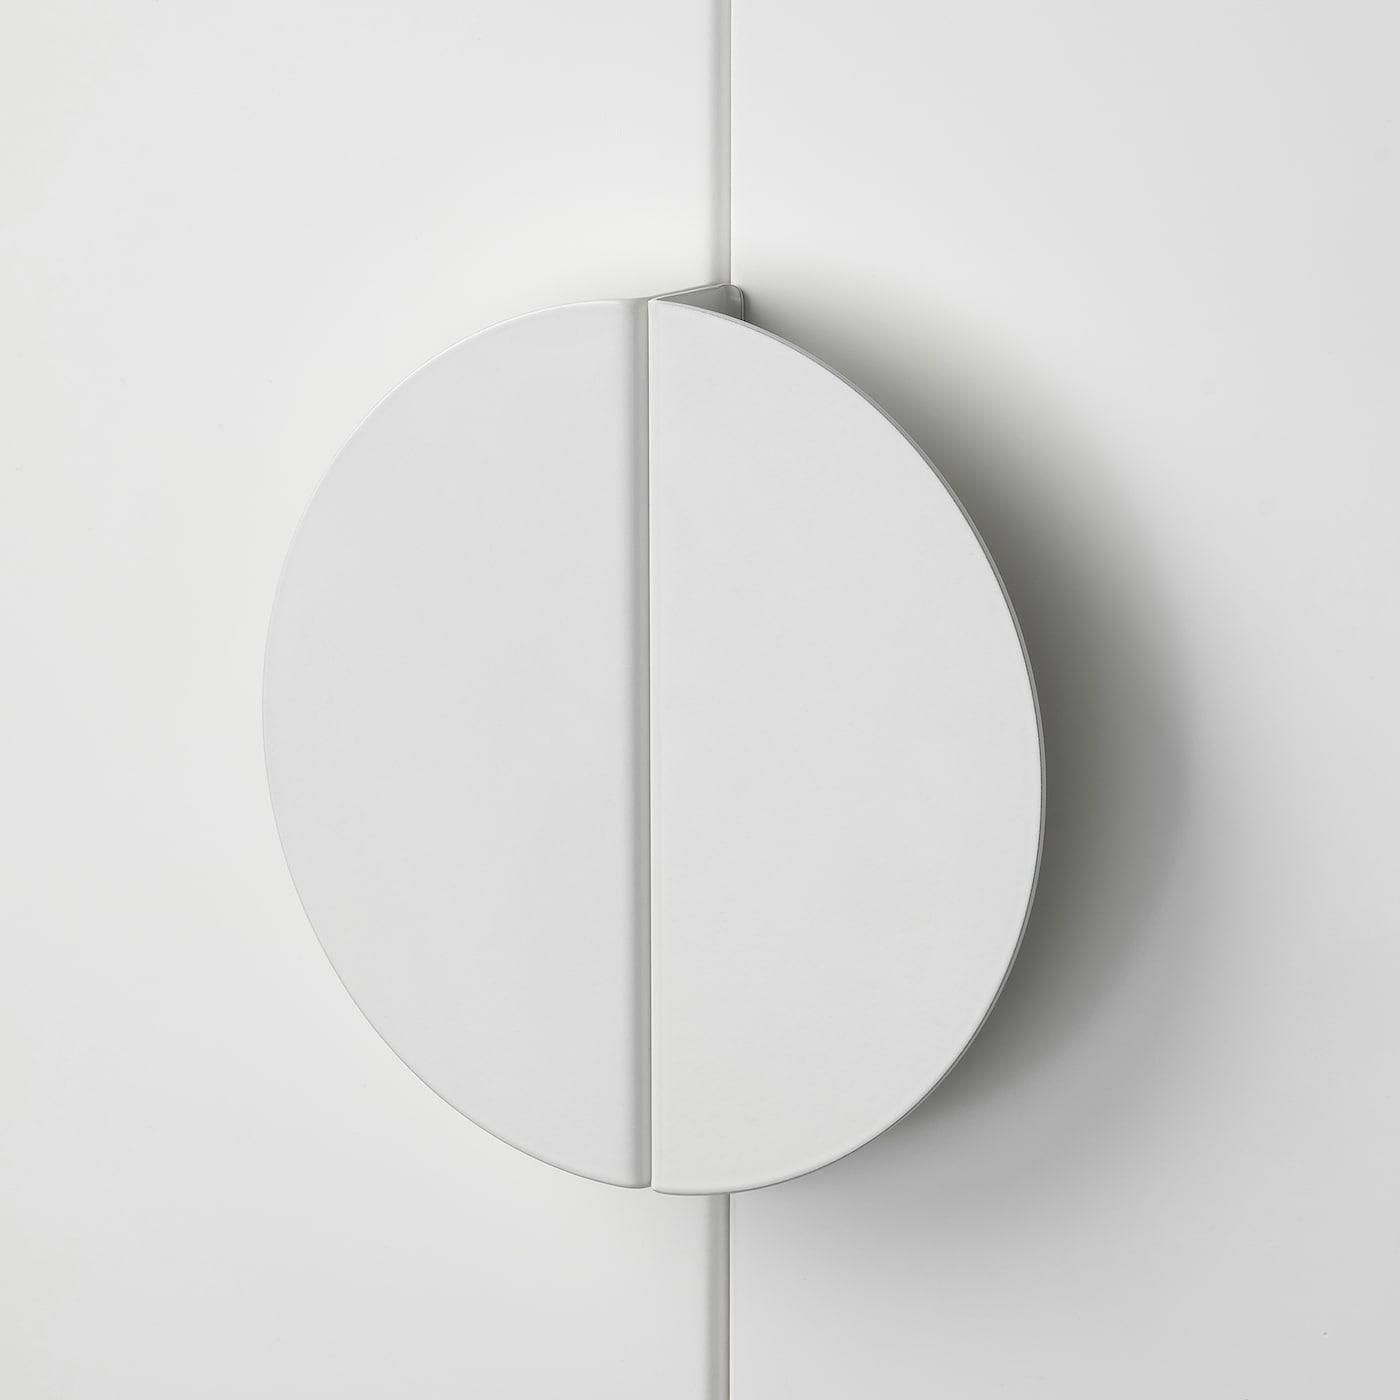 BEGRIPA مقبض, أبيض/نصف-دائرة, 130 مم